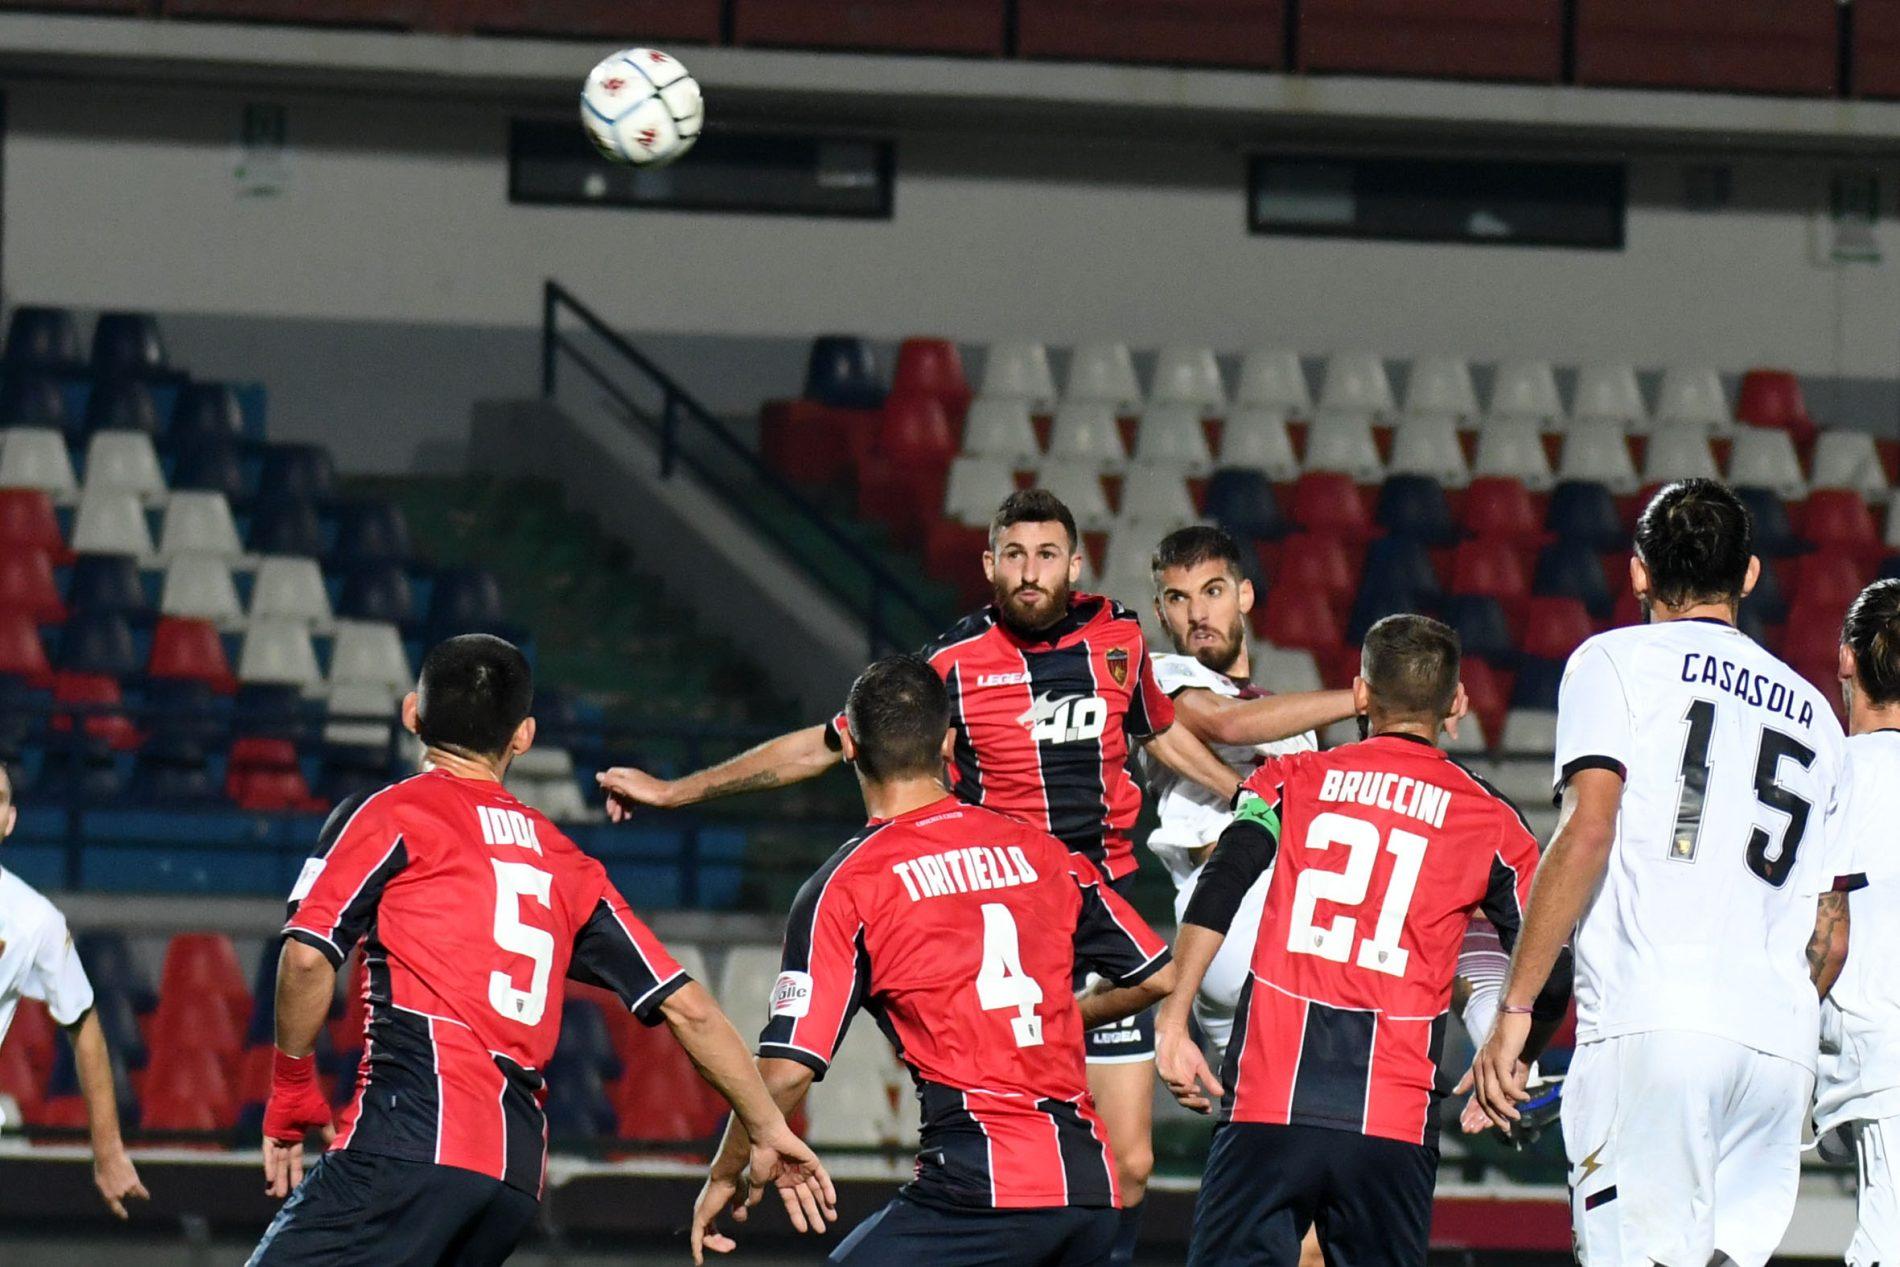 Serie B, Cosenza-Salernitana 0-1: Tutino lancia i granata in testa alla classifica